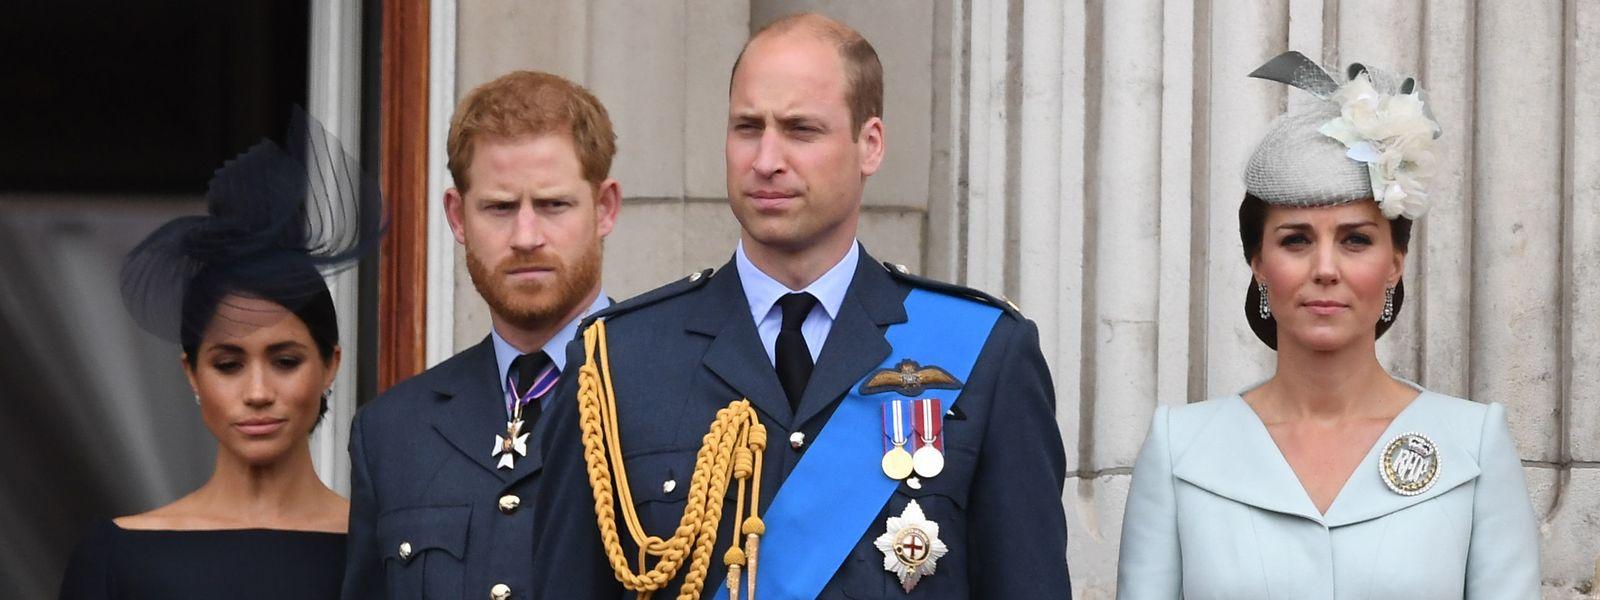 Auch in der Beziehung zwischen den beiden Paaren Meghan und Harry sowie William und Kate (v.l.n.r.) soll es kriseln – das deutete Harry auch in einem TV-Interview an.